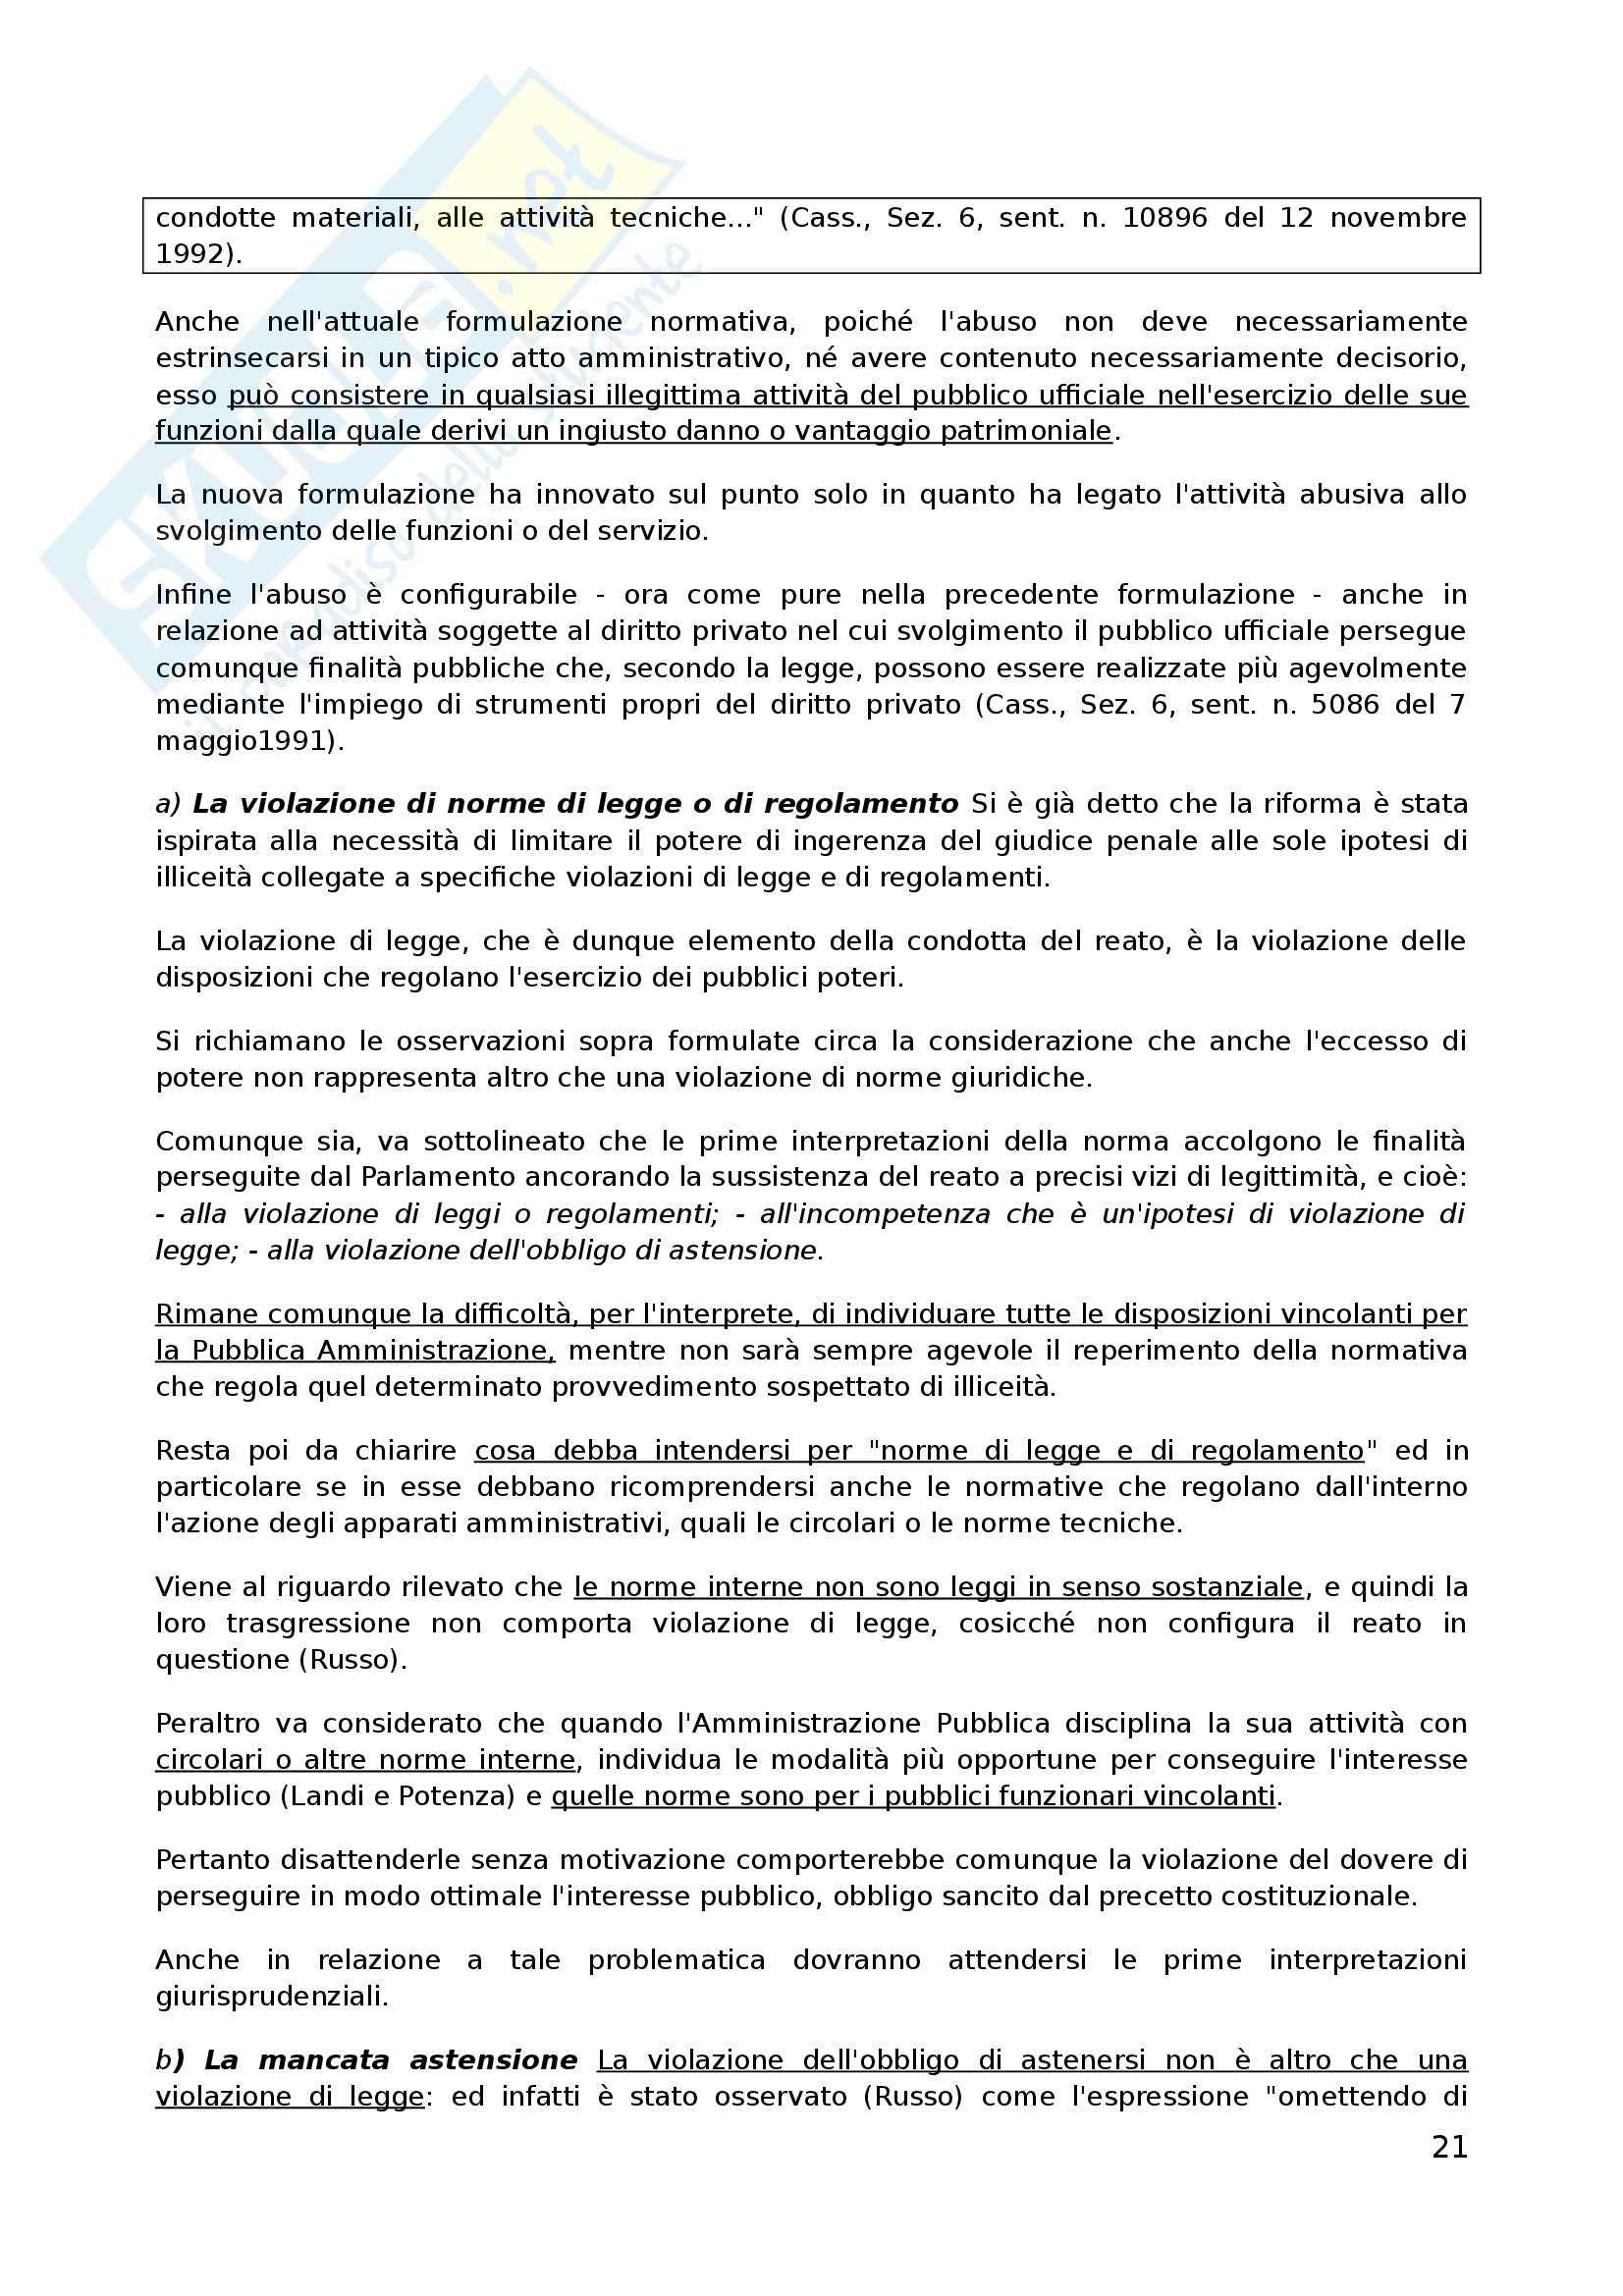 Riassunto esame Diritto Penale, prof. D'Ascola, libro consigliato I Delitti Contro la Pubblica Amministrazione di Fiandaca e Musco Pag. 21